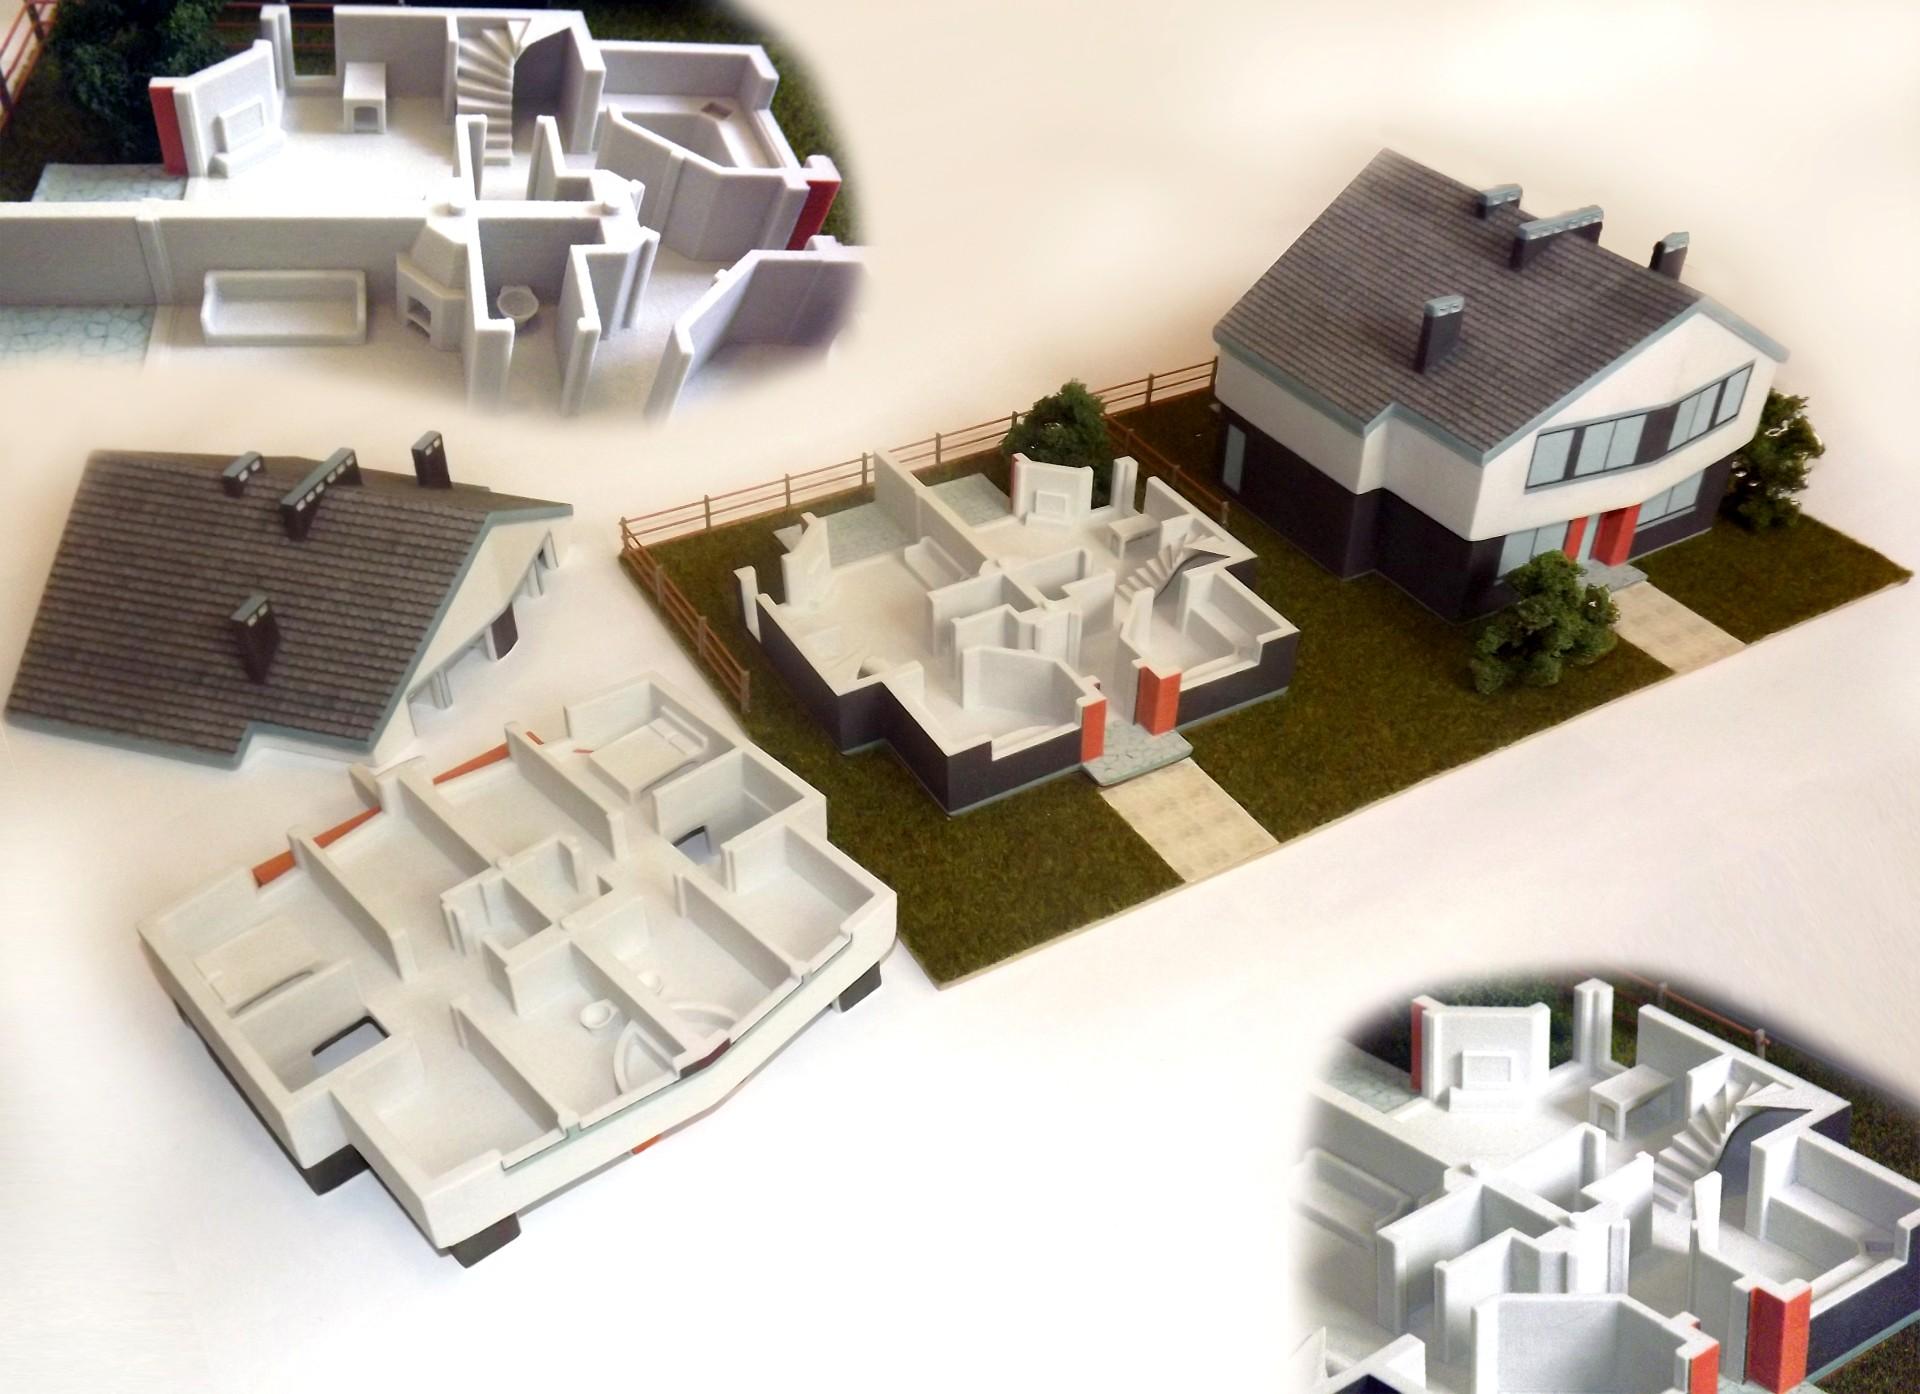 druk 3D CJP makieta powtarzalnych domow blizniaczych dla dewelopera Inkom